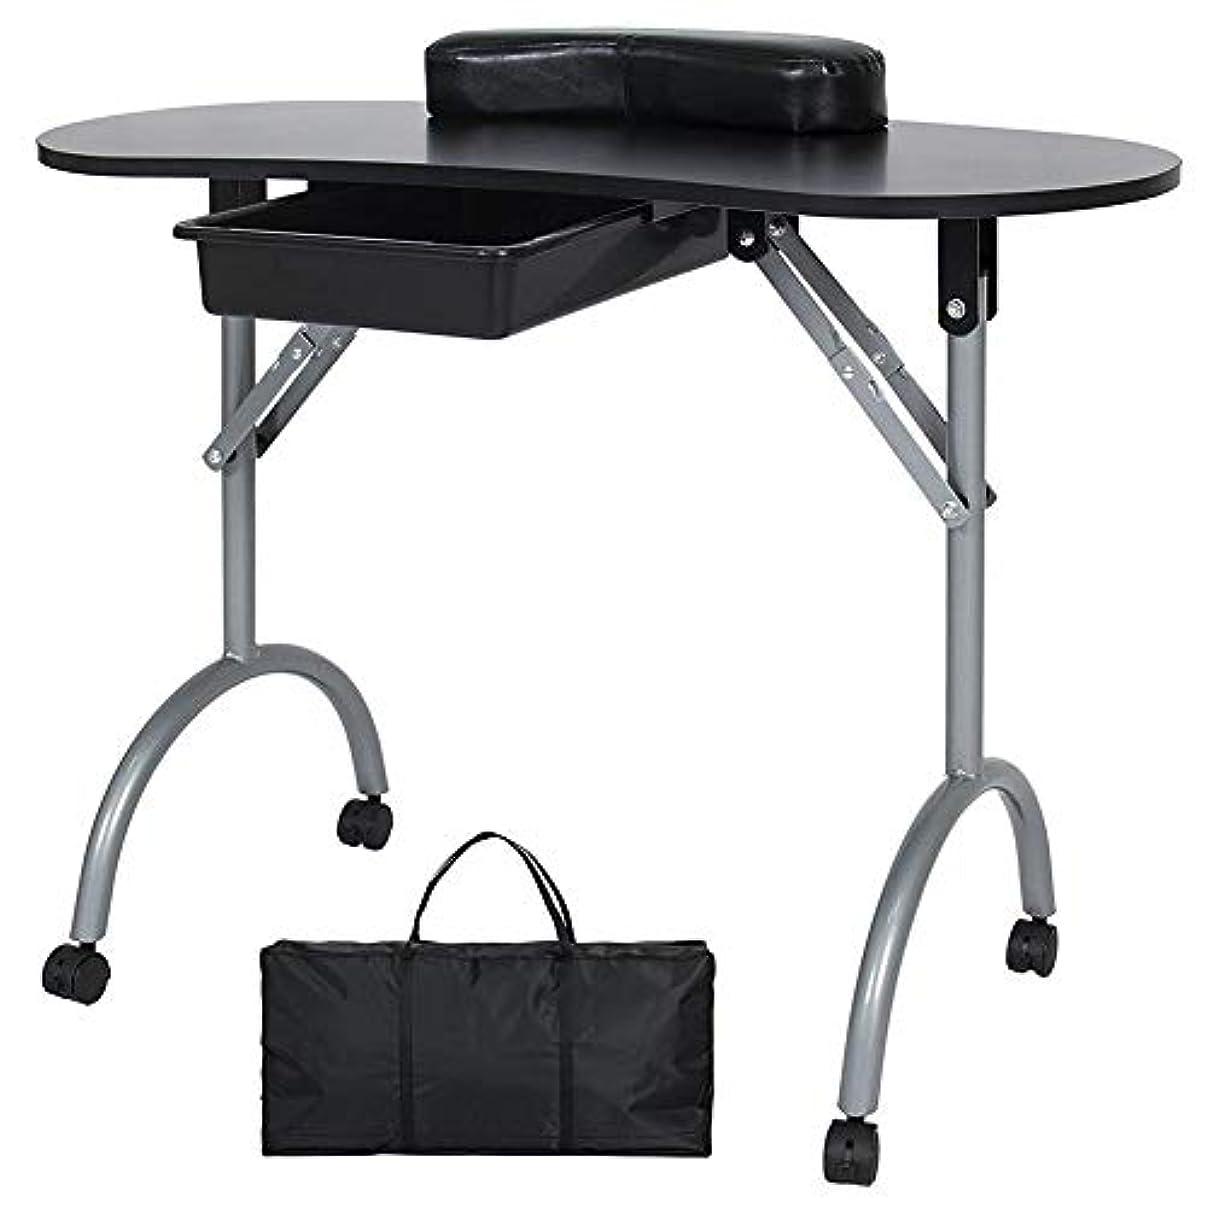 パラシュート殺人ヤングFMEZYネイルテーブルマニキュアテーブル製品ポータブルマニキュア折りたたみデスクワークステーション付きキャリングバッグ